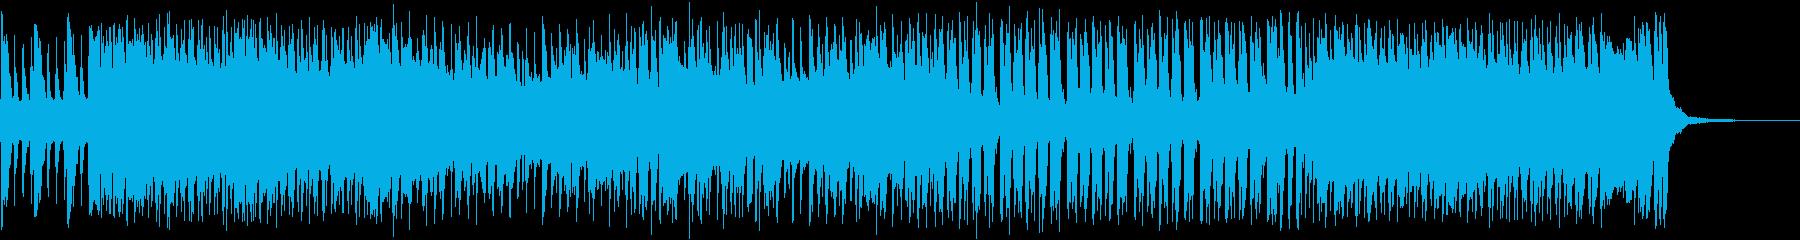 スカ・パンク・ノリノリ・パラエティの再生済みの波形